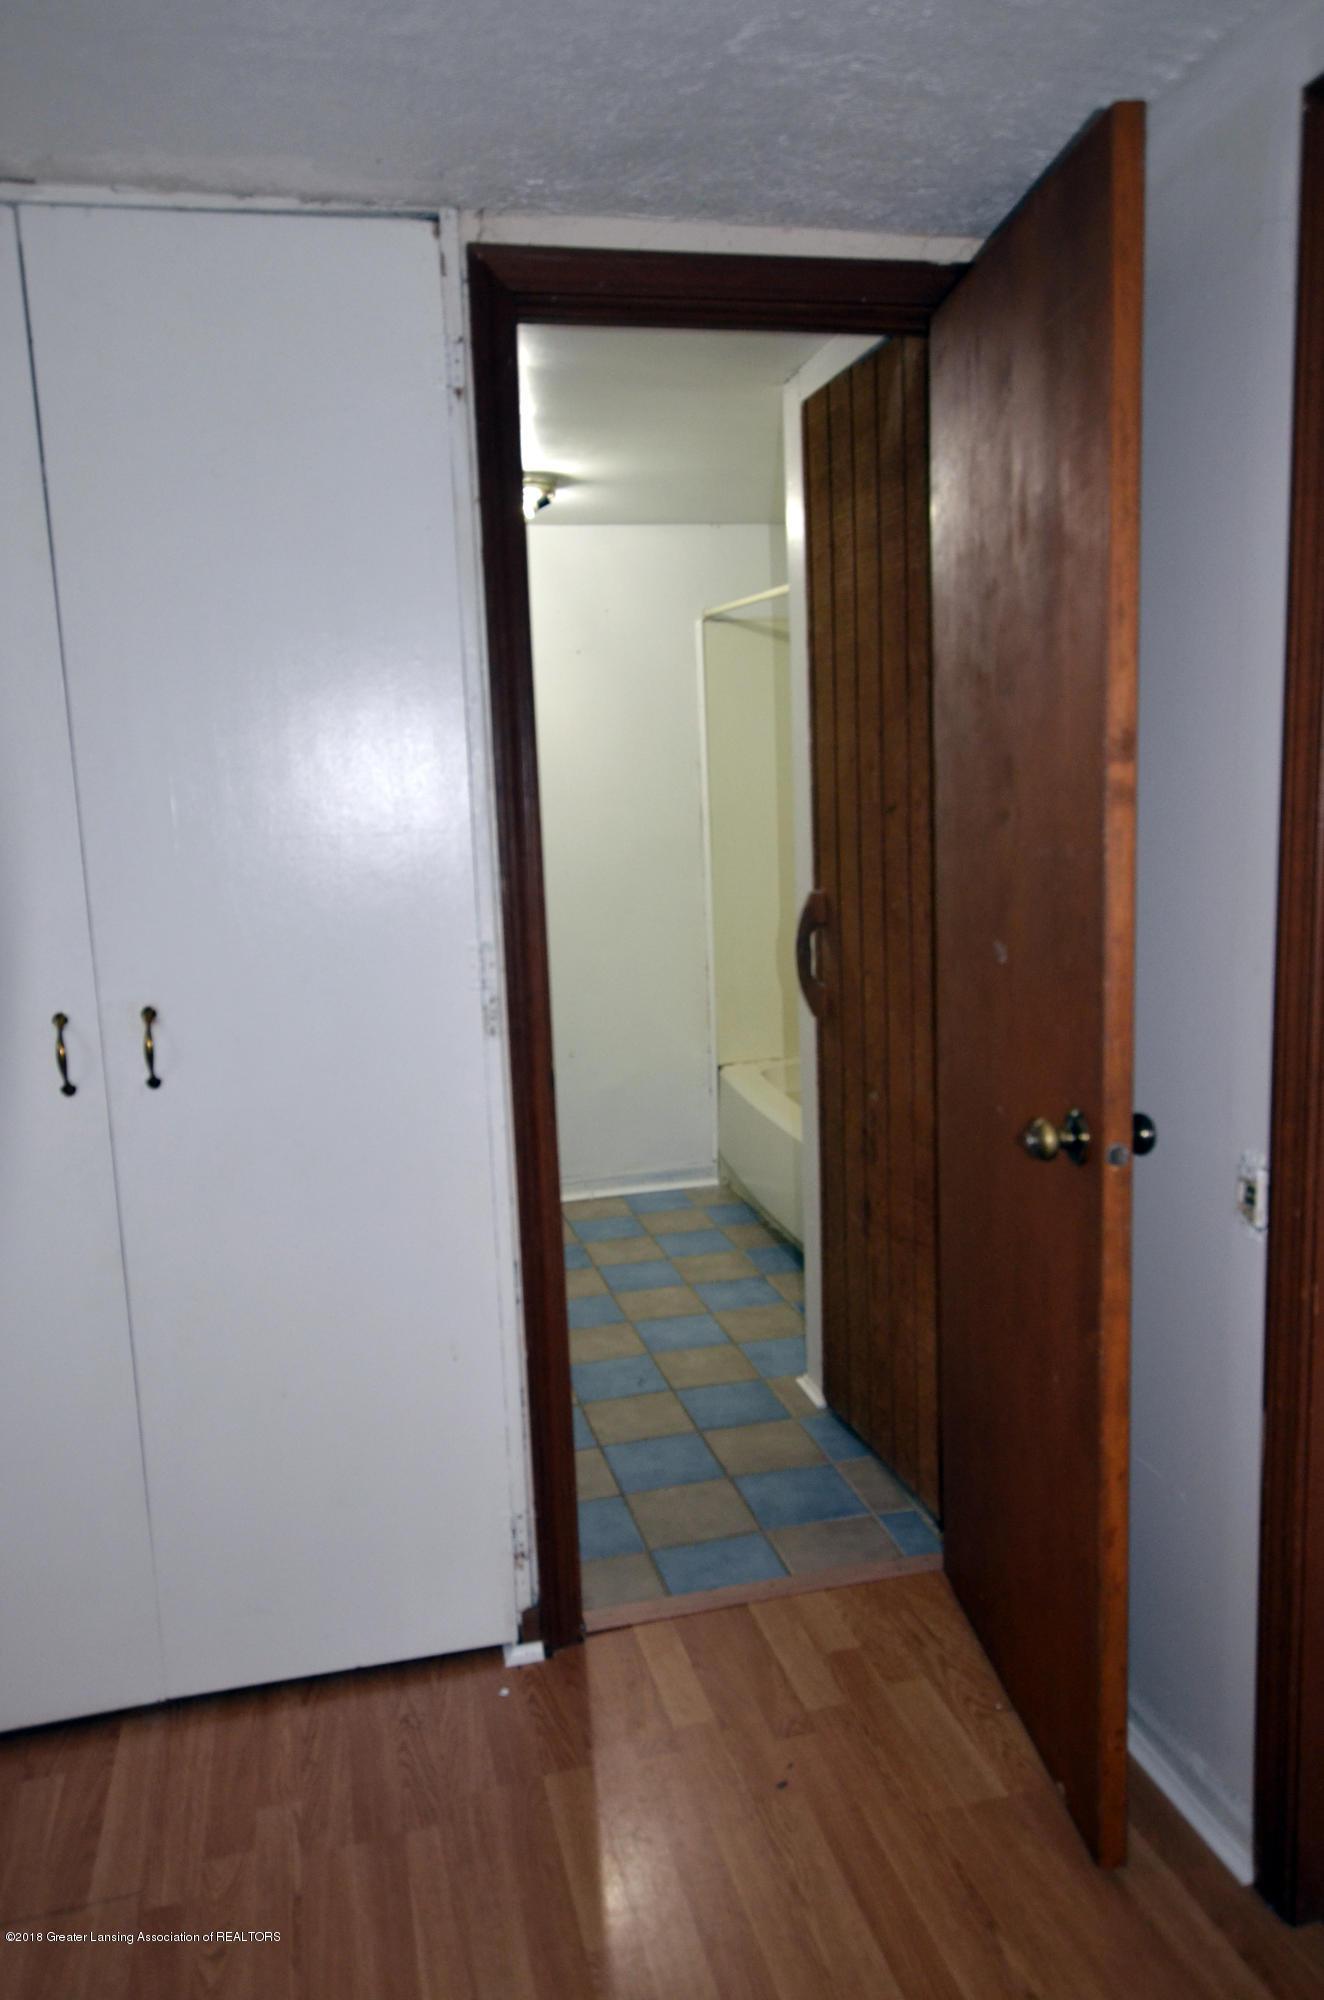 15871 Short St - 15871 Short St bedroom into bathroom - 6